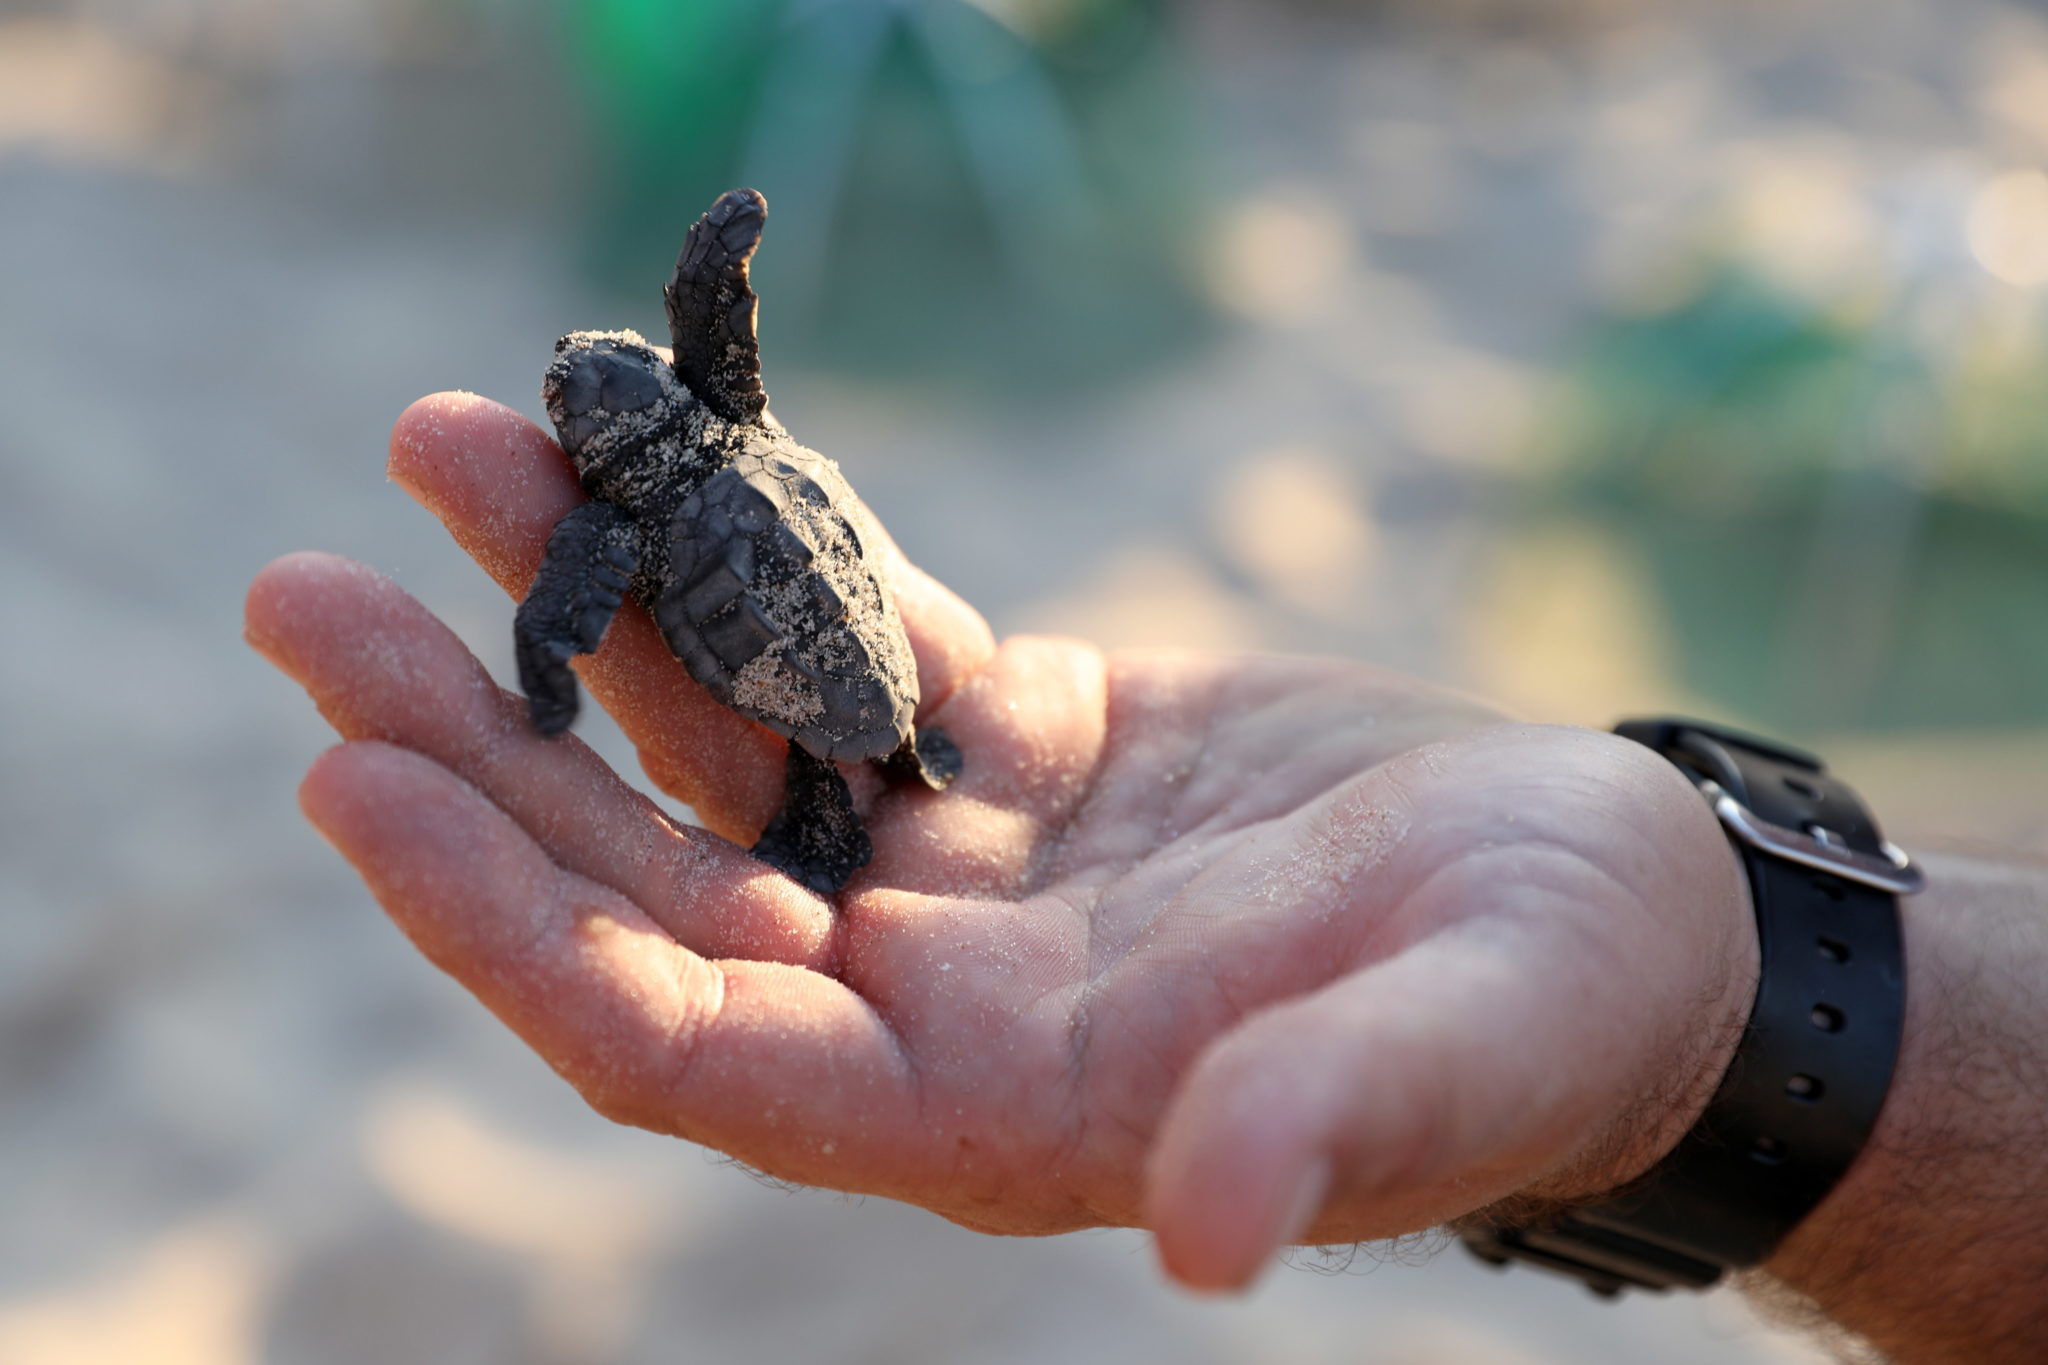 Izrael: nowonarodzony żółw morski w chronionym obiekcie Izraelskiego Urzędu ds. Przyrody i Parków na wybrzeżu Morza Śródziemnego przy plaży Palmachim w pobliżu Rishon LeZion, fot. Abir Sultan, PAP/EPA